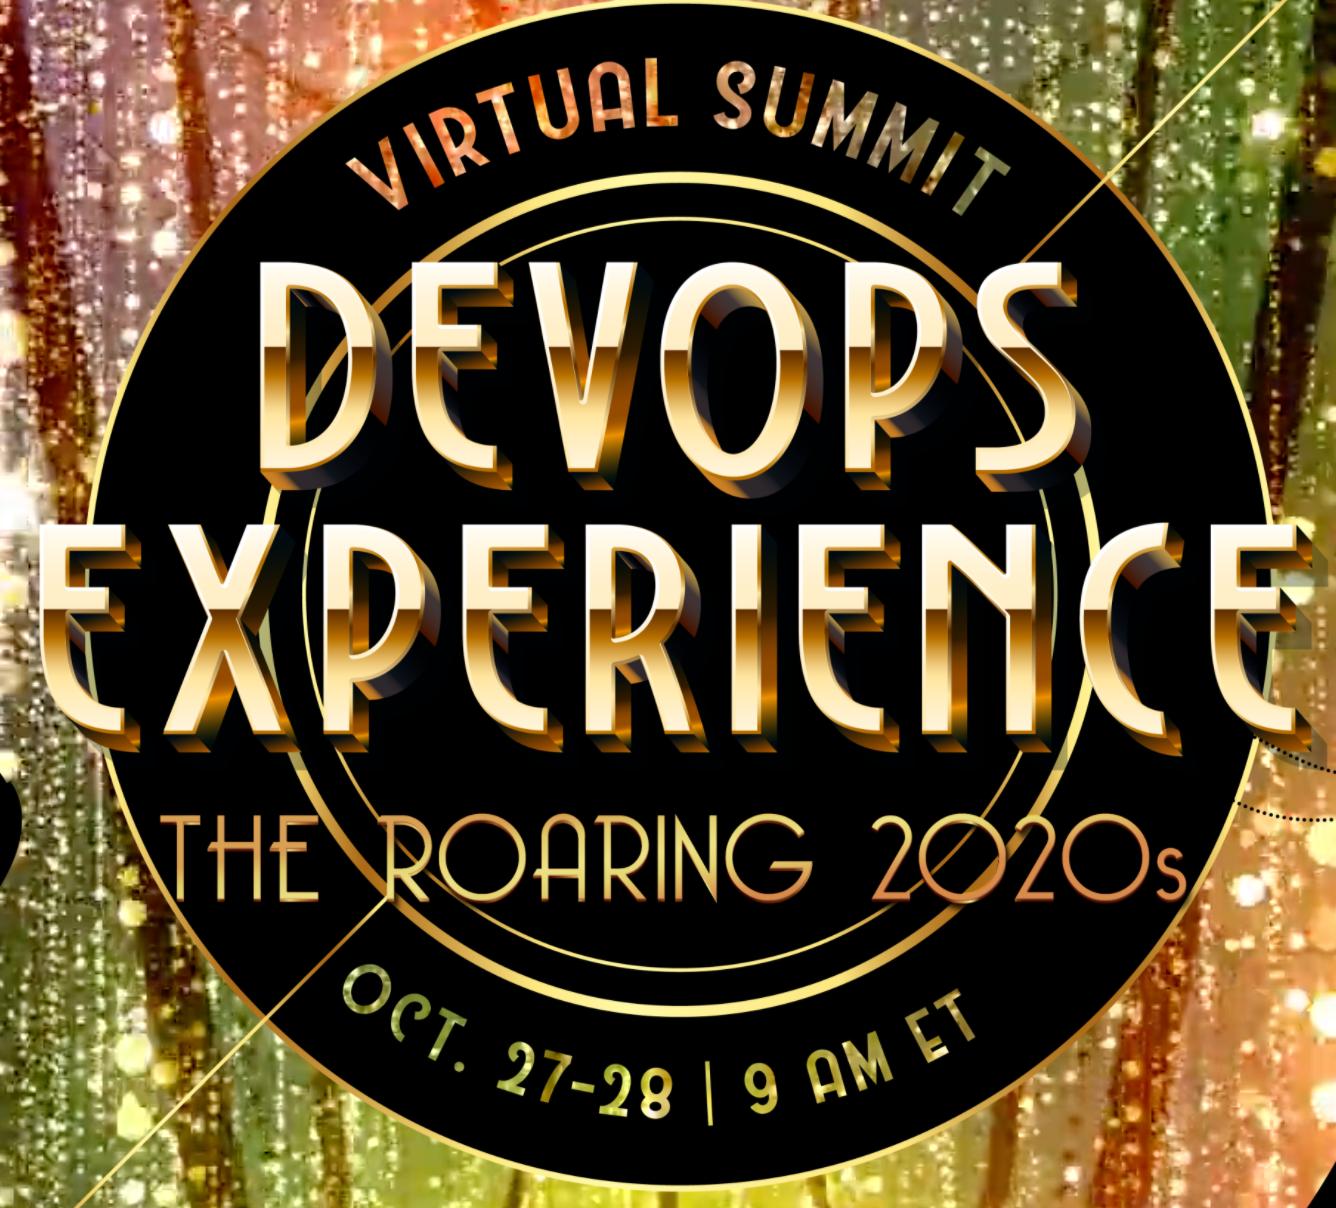 DevOps Experience: The Roaring 2020s